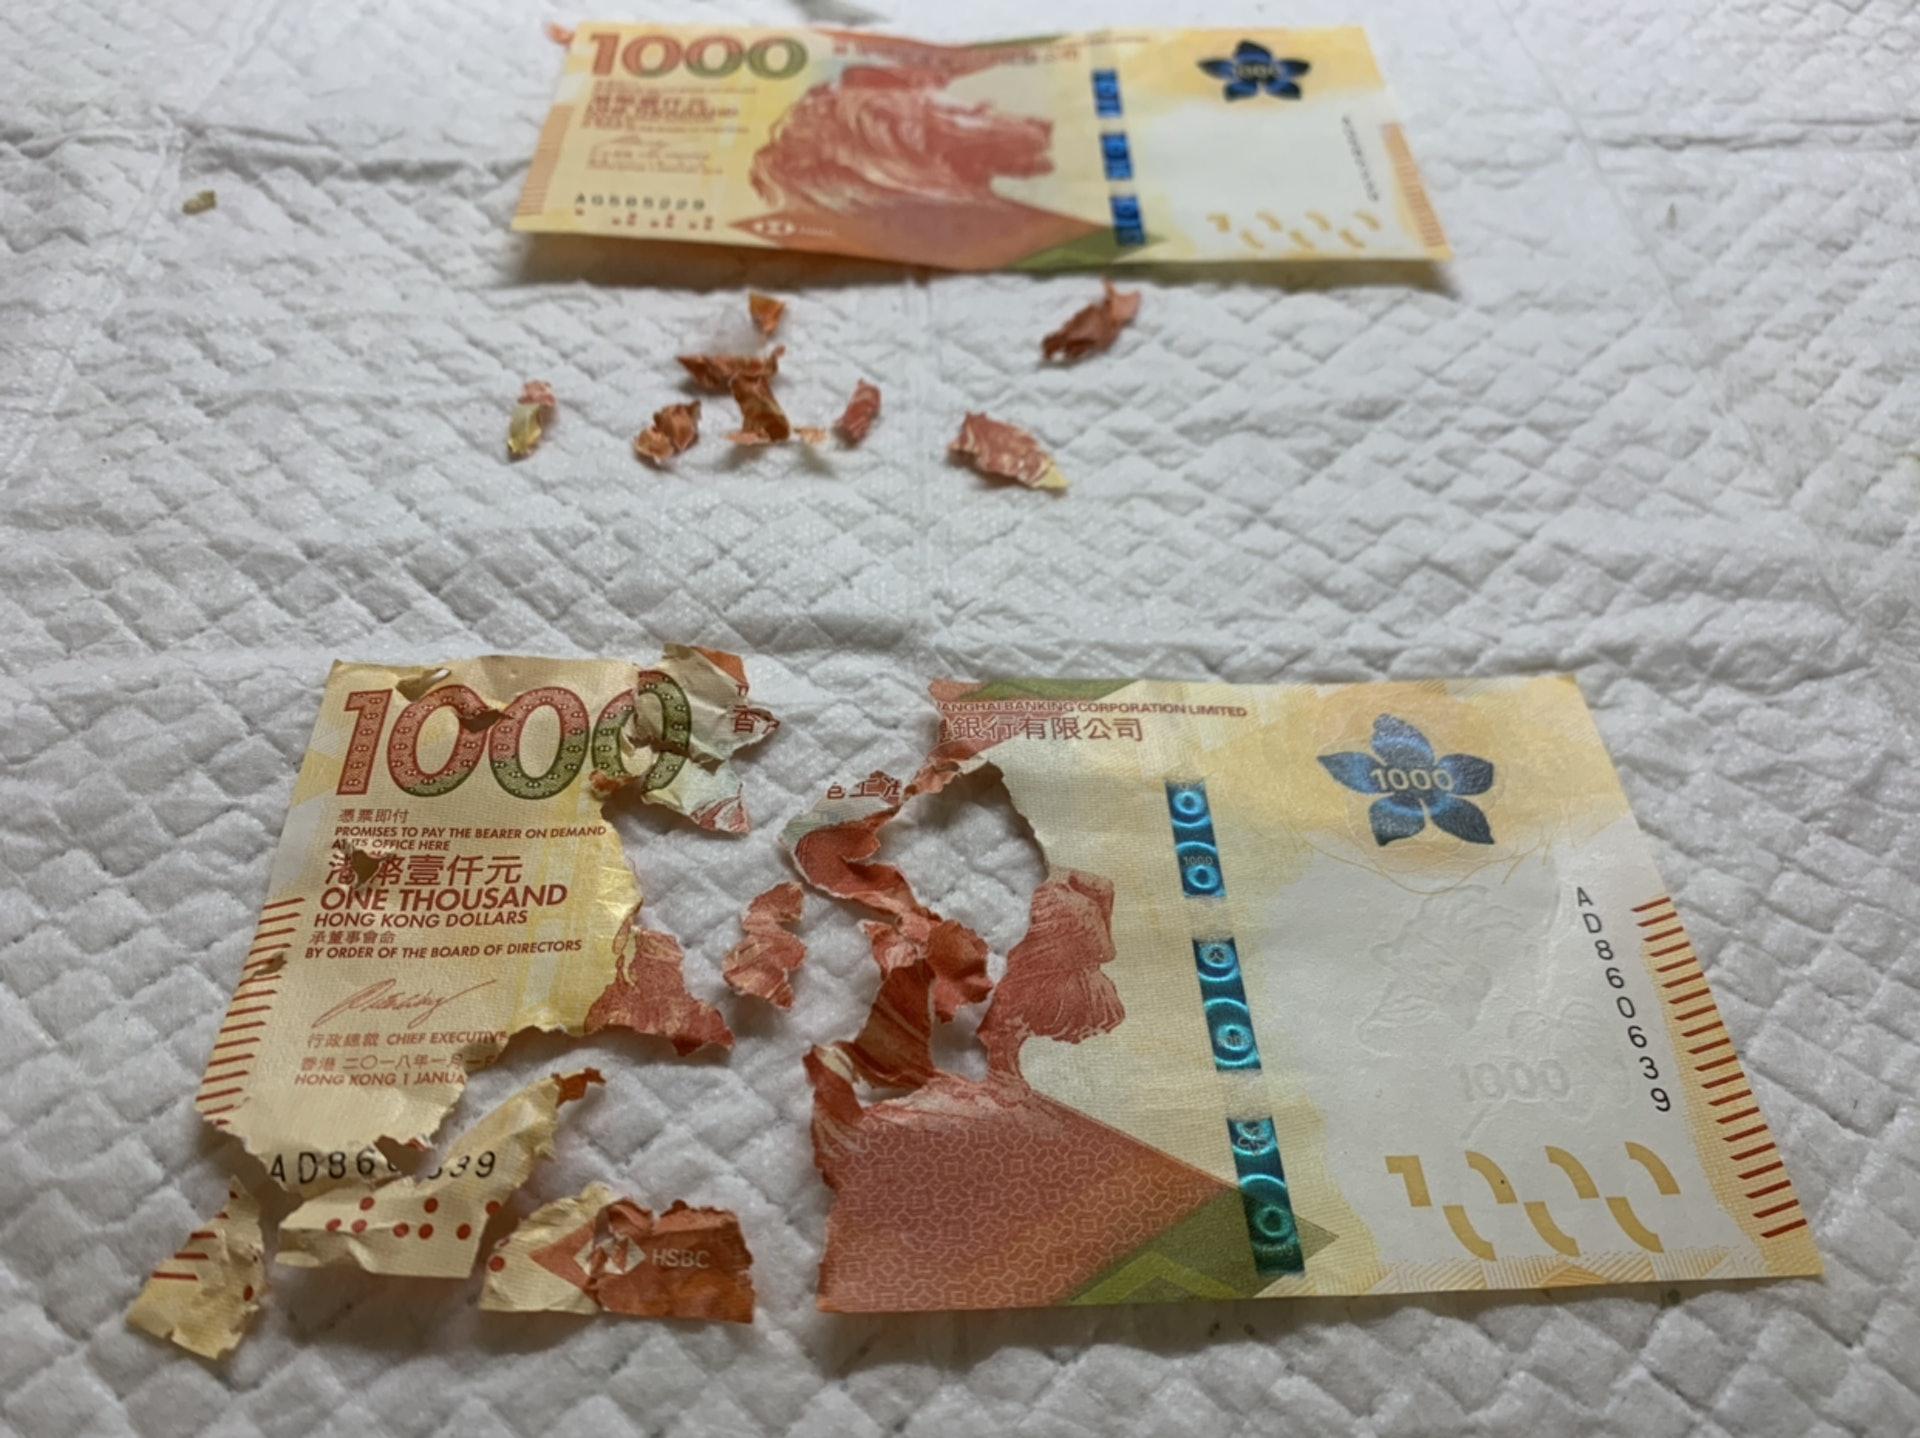 有網民分享一封千元利市被鸚鵡咬爛,十分憤怒,後來以「砌圖」的方式還原鈔票。(連登討論區)